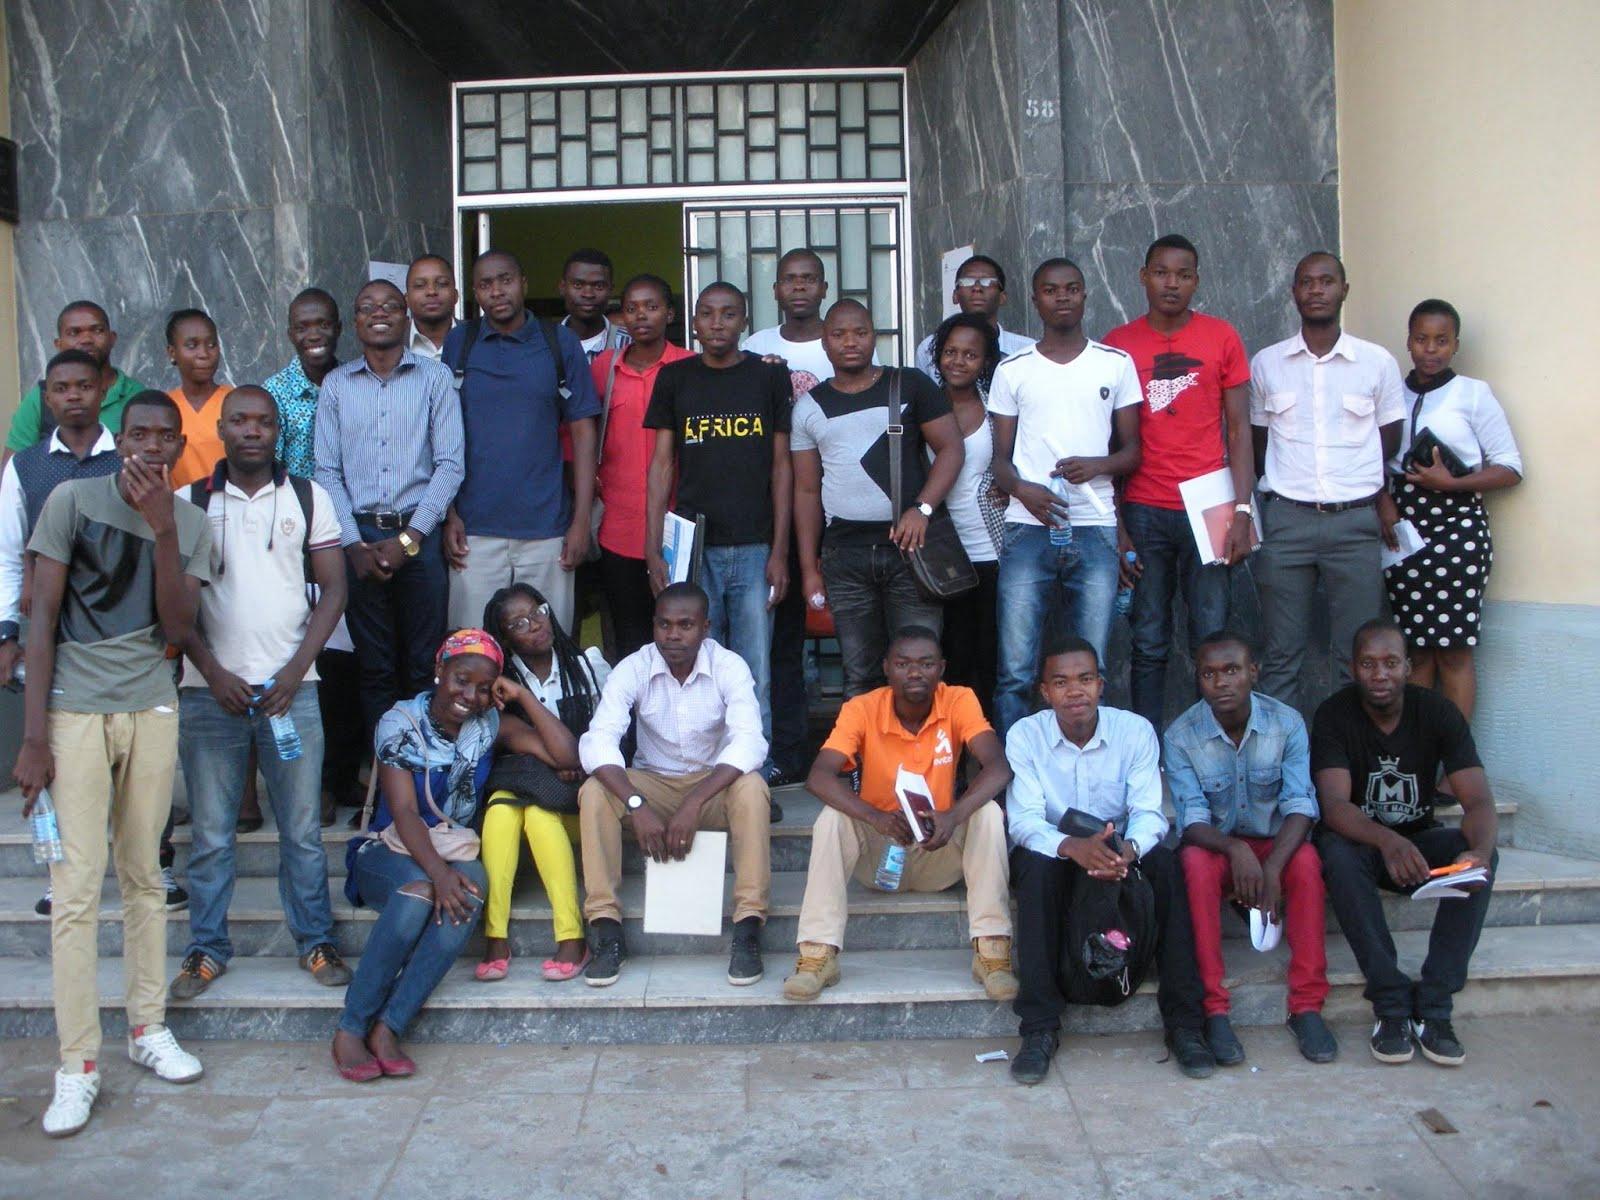 Participantes - Oficina de História - Archivo Histórico de Moçambique